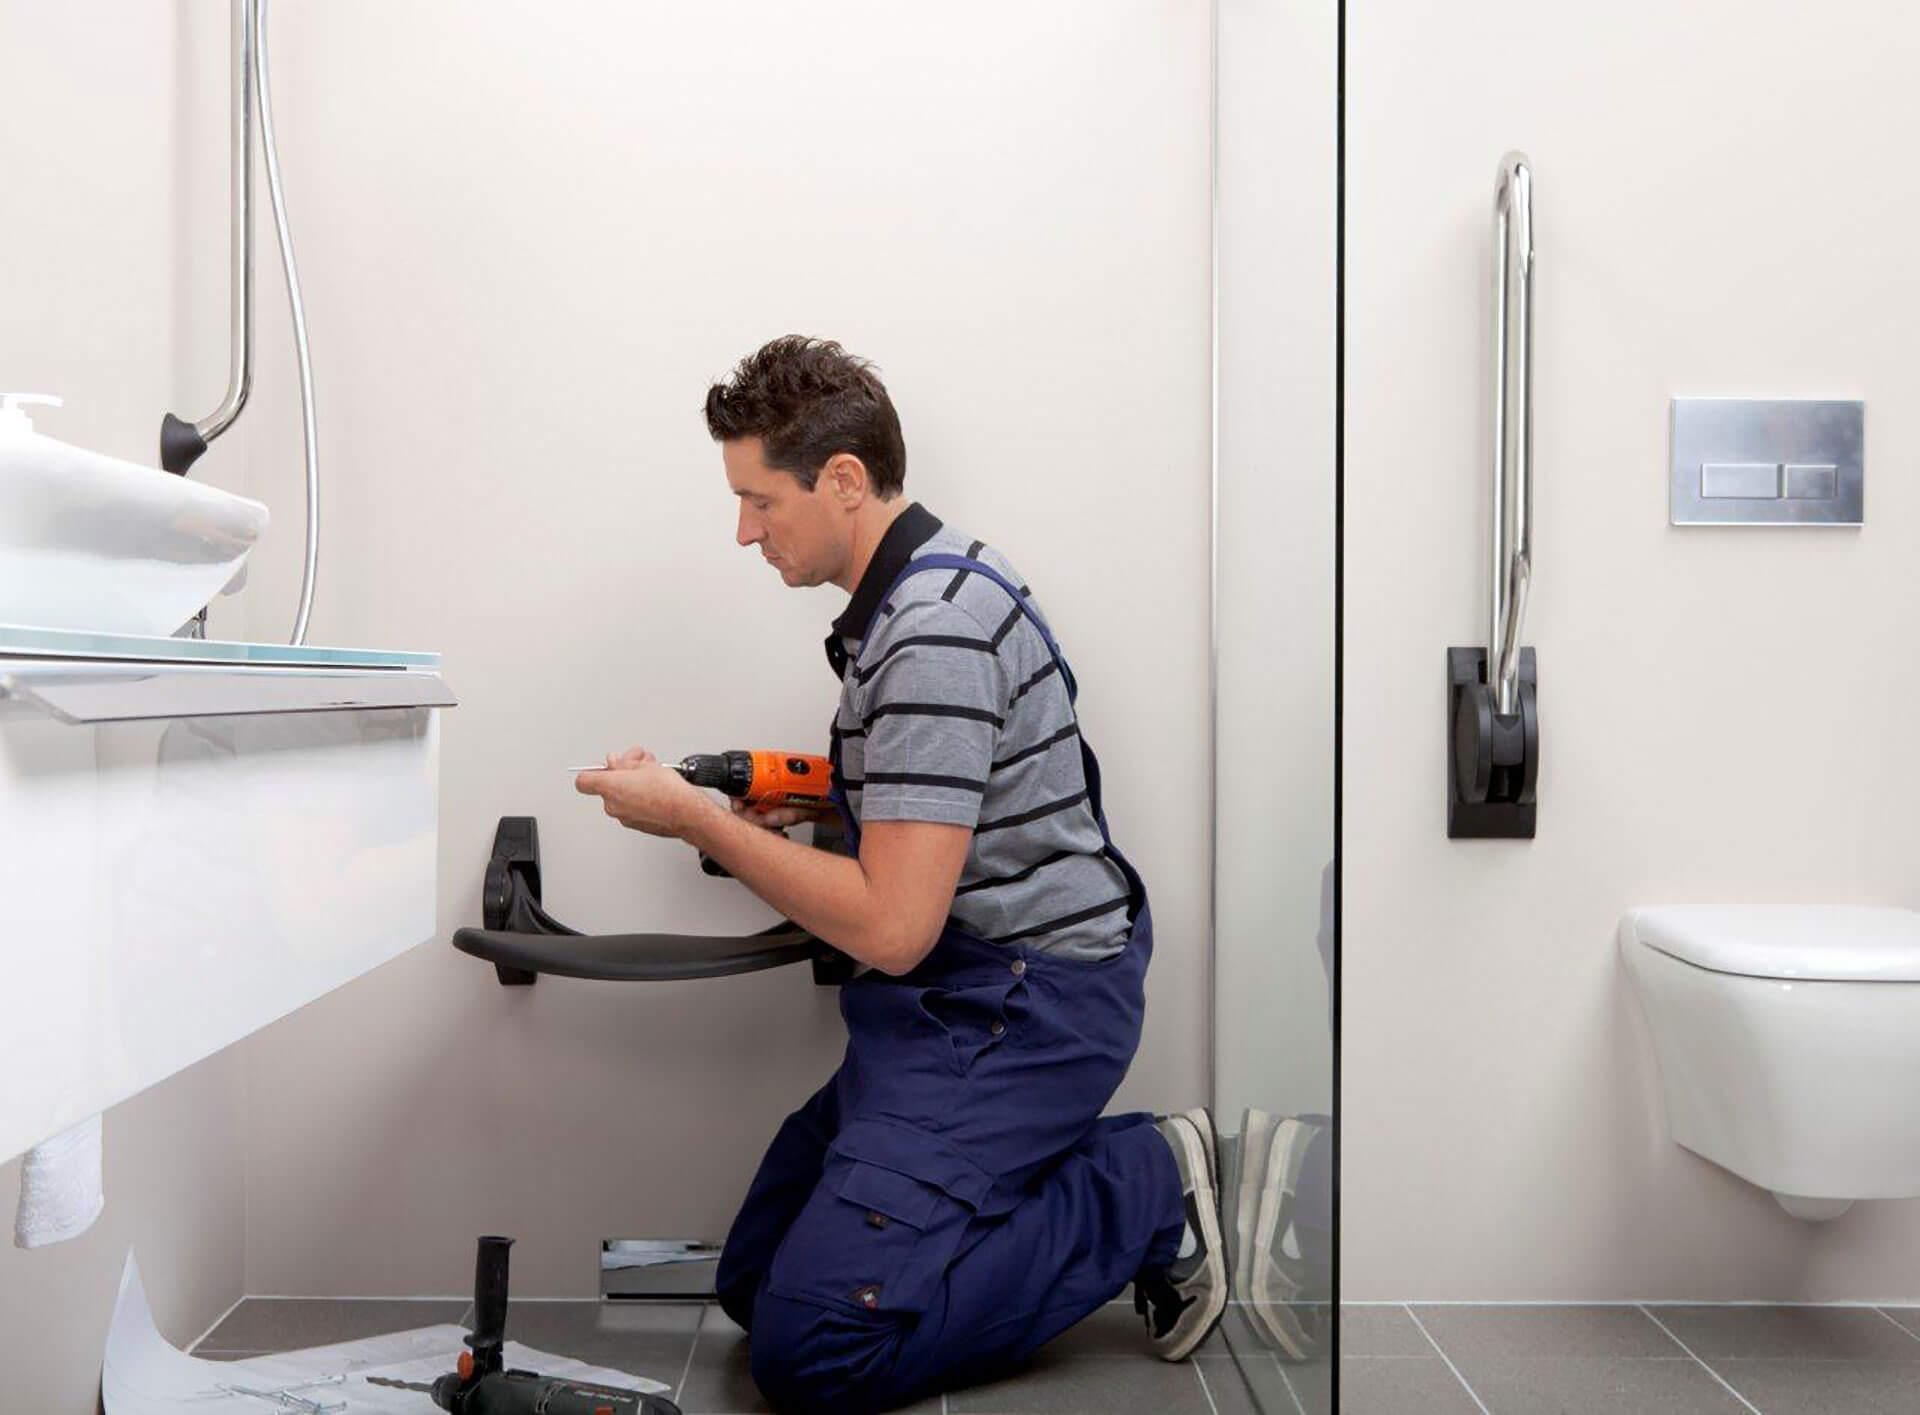 Aménagement de salles de bain par un plombier pour les personnes à mobilité réduite